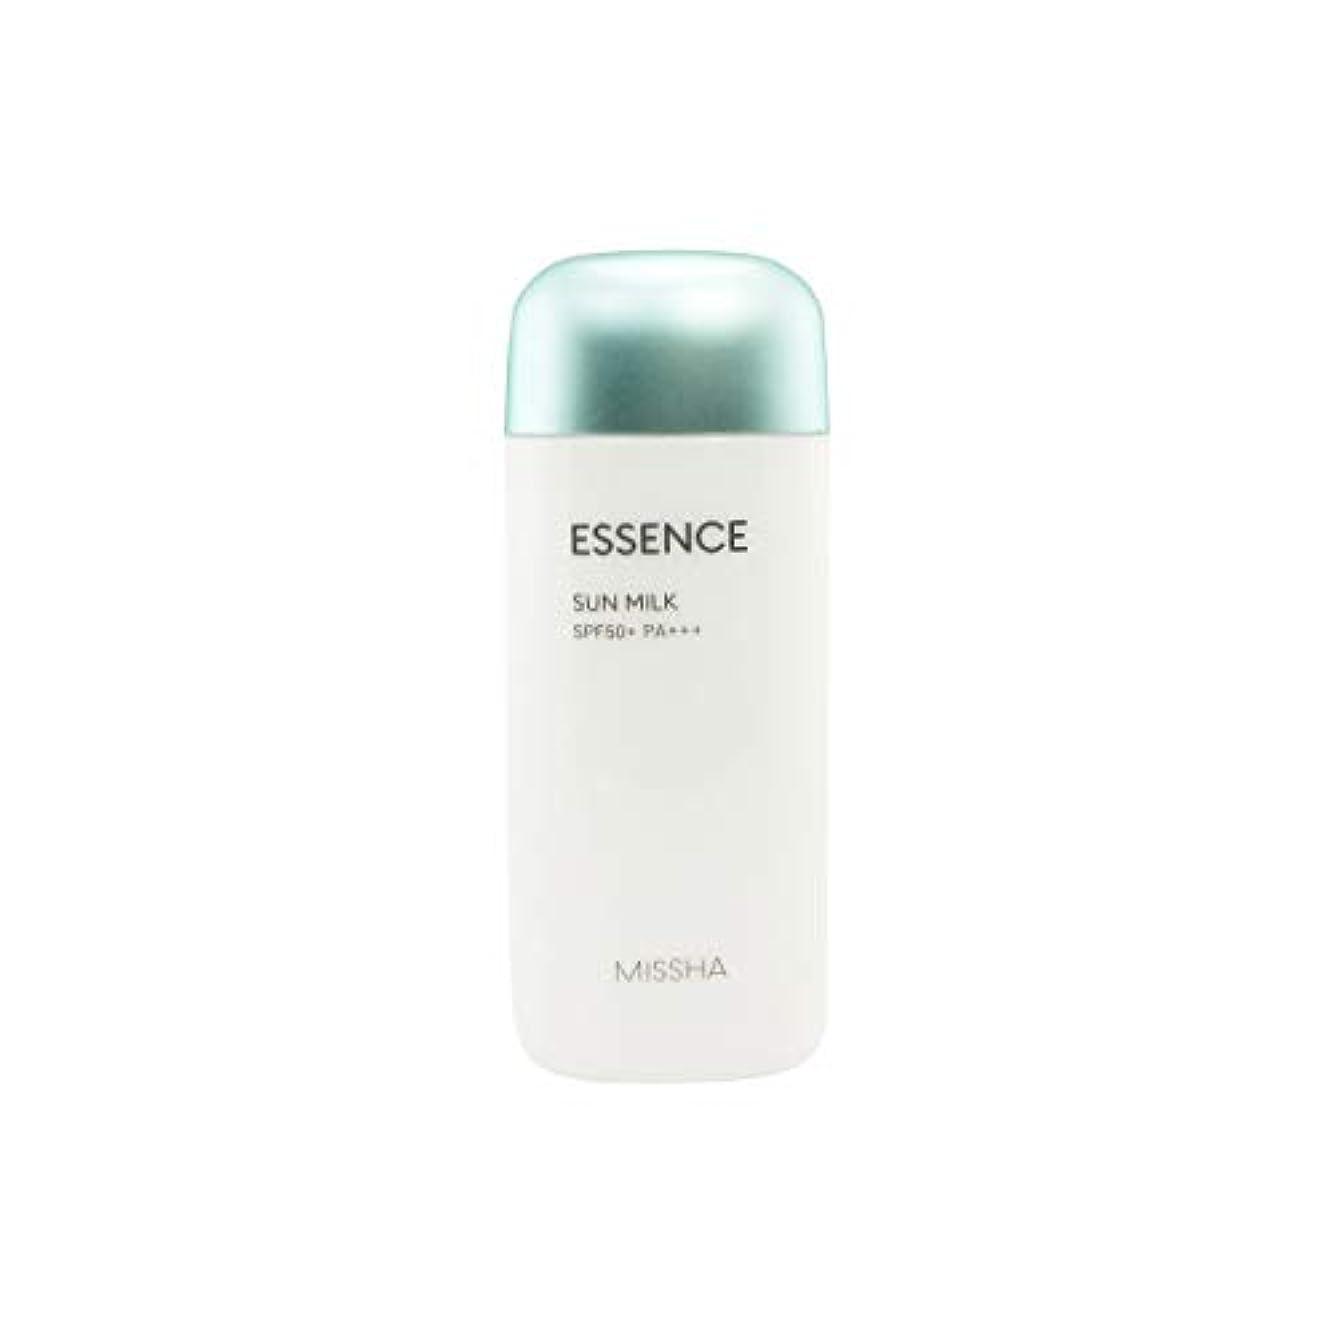 吸い込む蒸し器慢性的Missha All-around Safe Block Essence Sun Milk Spf50+/pa+++ 70ml [並行輸入品]